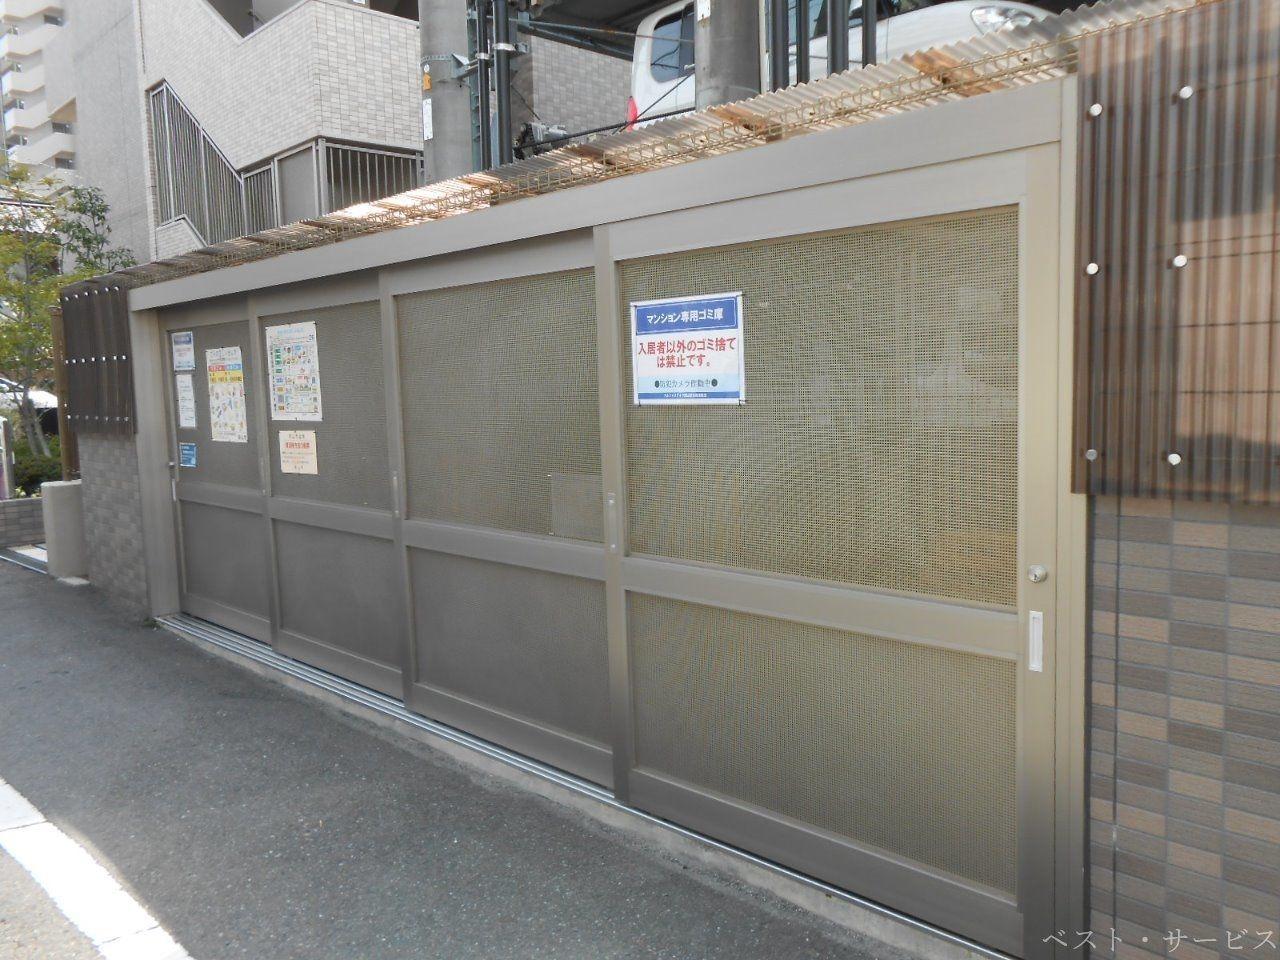 アルファステイツ岡山駅西専用ゴミステーション